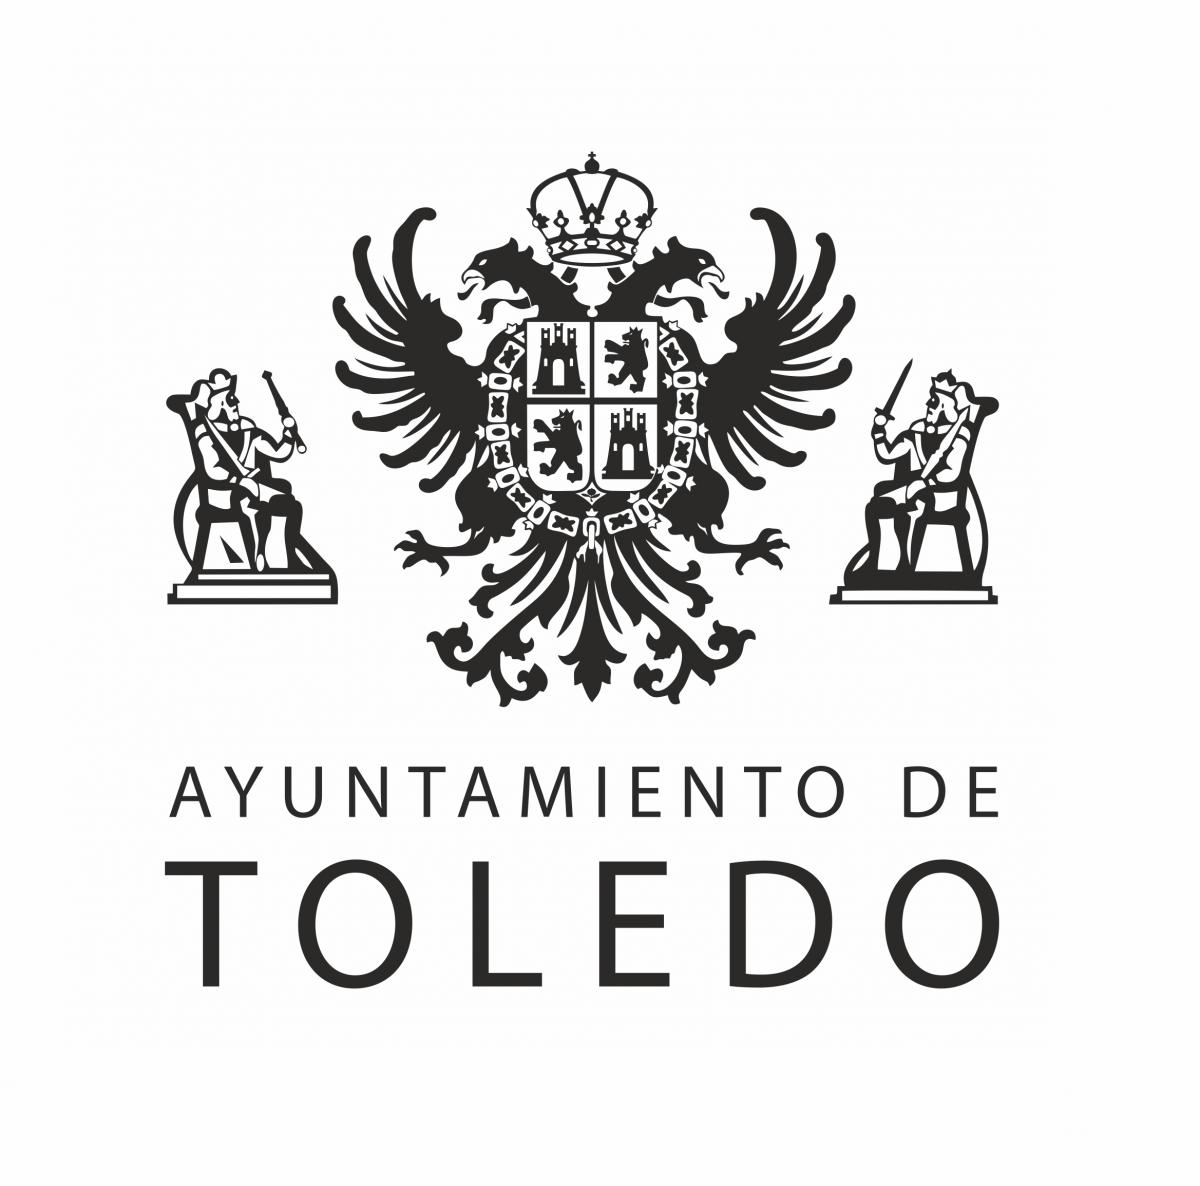 https://www.toledo.es/wp-content/uploads/2020/11/escudo-ayuntamiento-de-toledo-cuadrado-1200x1186.png. Sanidad comunica al Ayuntamiento restricciones de Nivel 3 para todos los municipios de la provincia desde este viernes